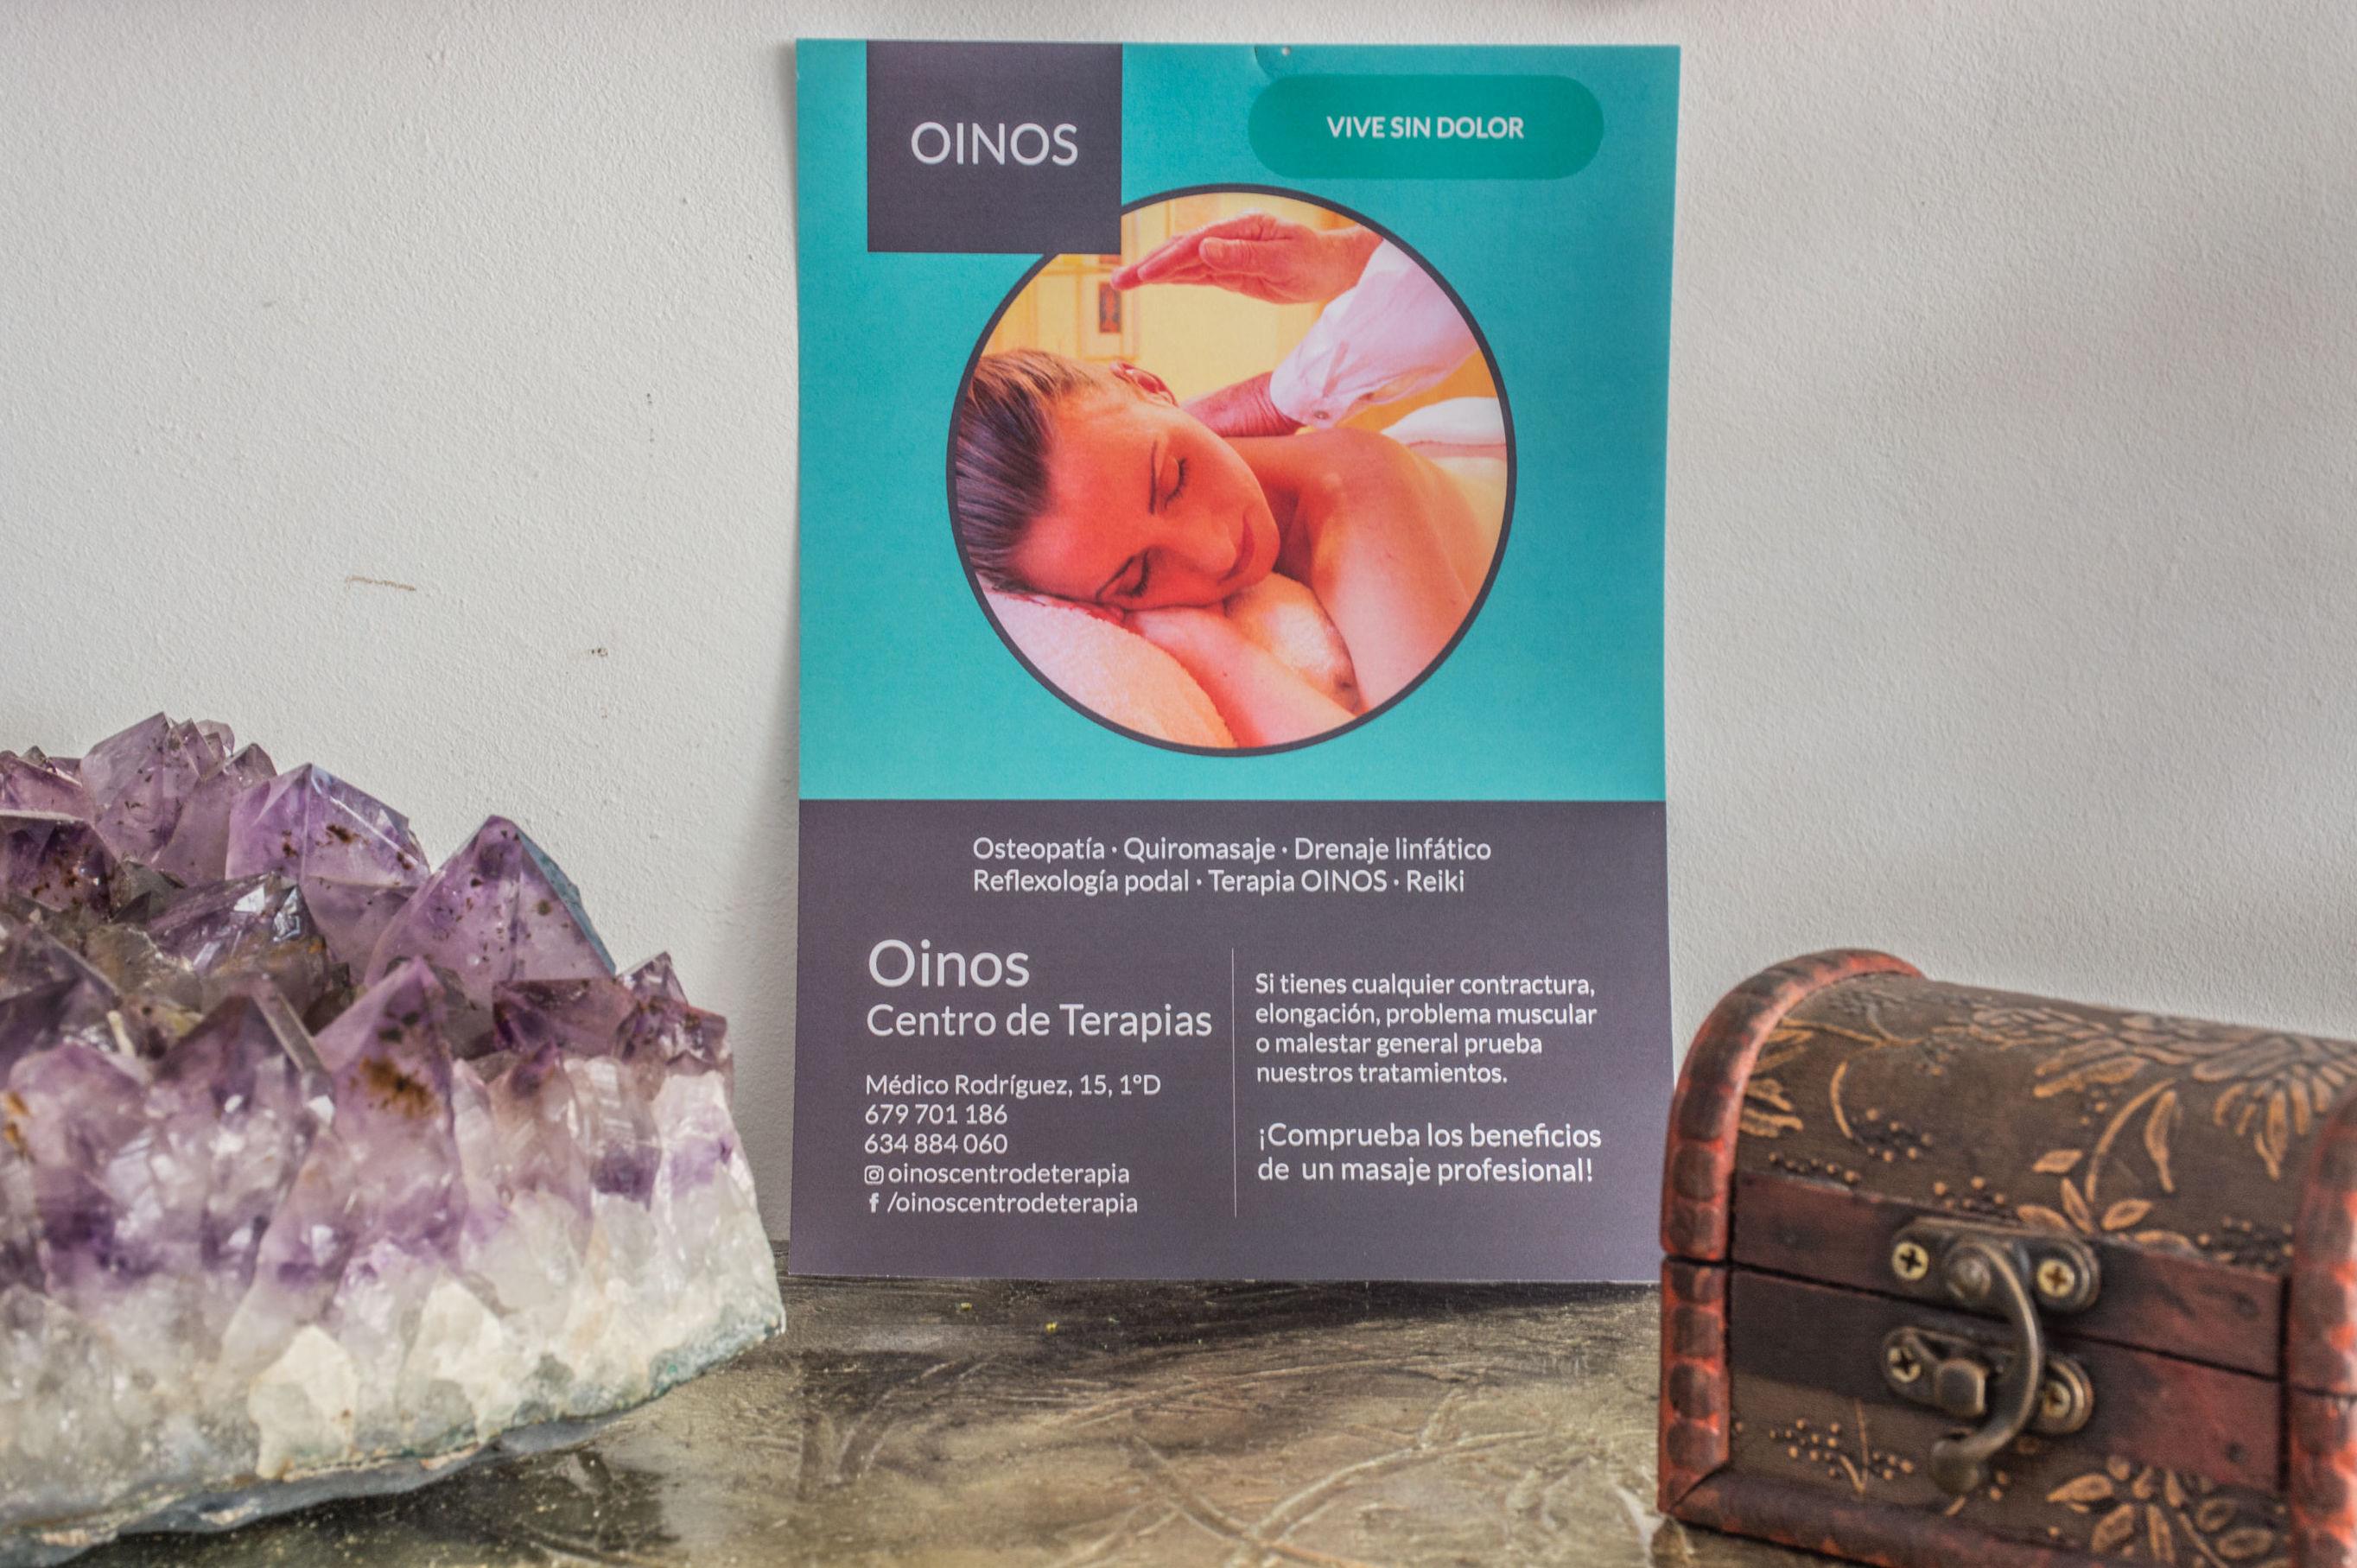 Foto 5 de Terapias manuales en A Coruña | Oinos Centro de Terapia